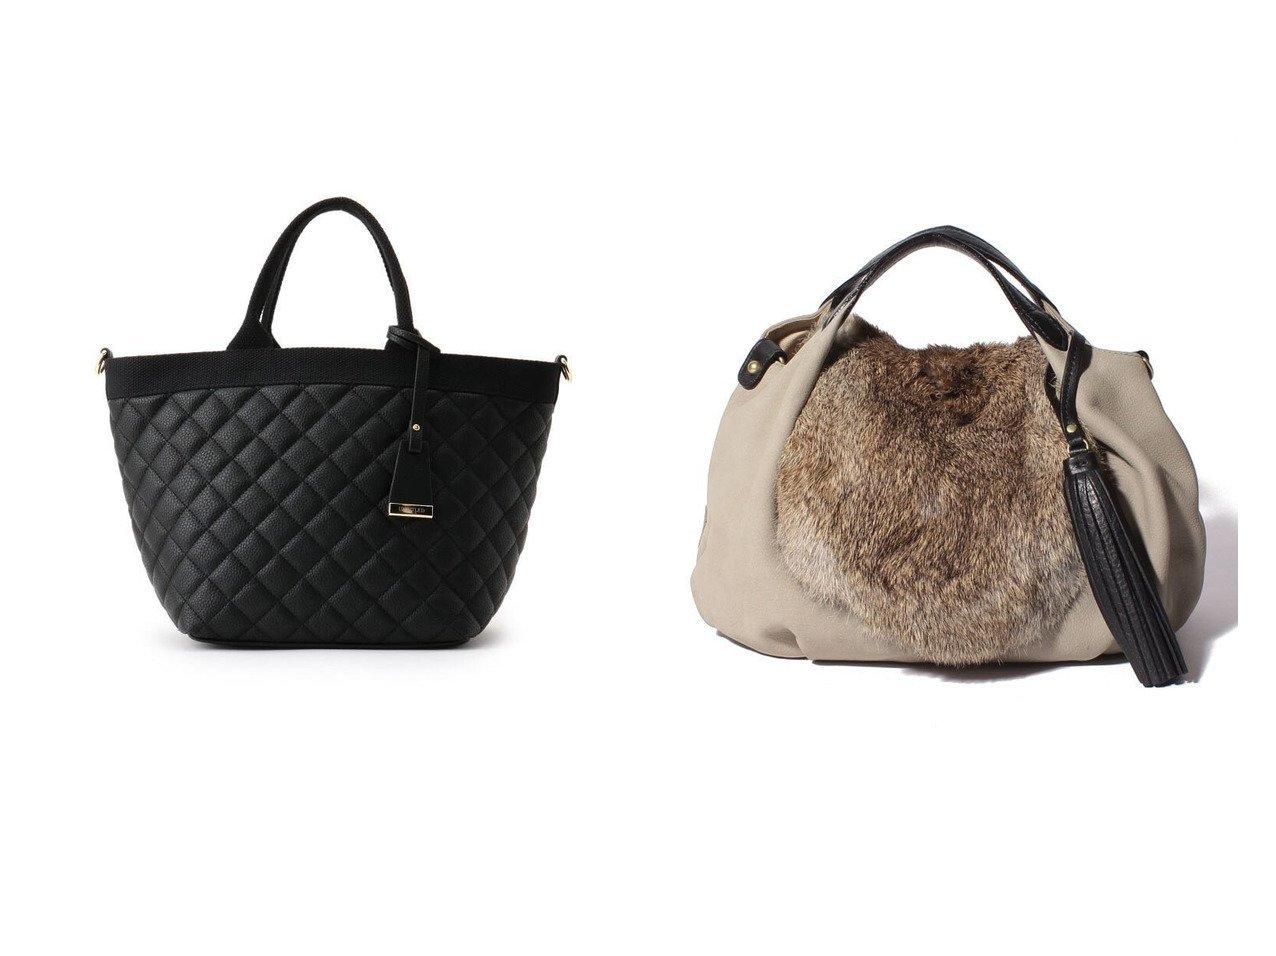 【allureville/アルアバイル】の【VIOLAd ORO (ヴィオラドーロ)】 LEPRE FUR&【UNTITLED/アンタイトル】のシュリンクキルトトートバッグ バッグのおすすめ!人気、レディースファッションの通販 おすすめで人気のファッション通販商品 インテリア・家具・キッズファッション・メンズファッション・レディースファッション・服の通販 founy(ファニー) https://founy.com/ ファッション Fashion レディース WOMEN バッグ Bag キルティング ポケット ラップ チャーム ハンドバッグ |ID:crp329100000001639